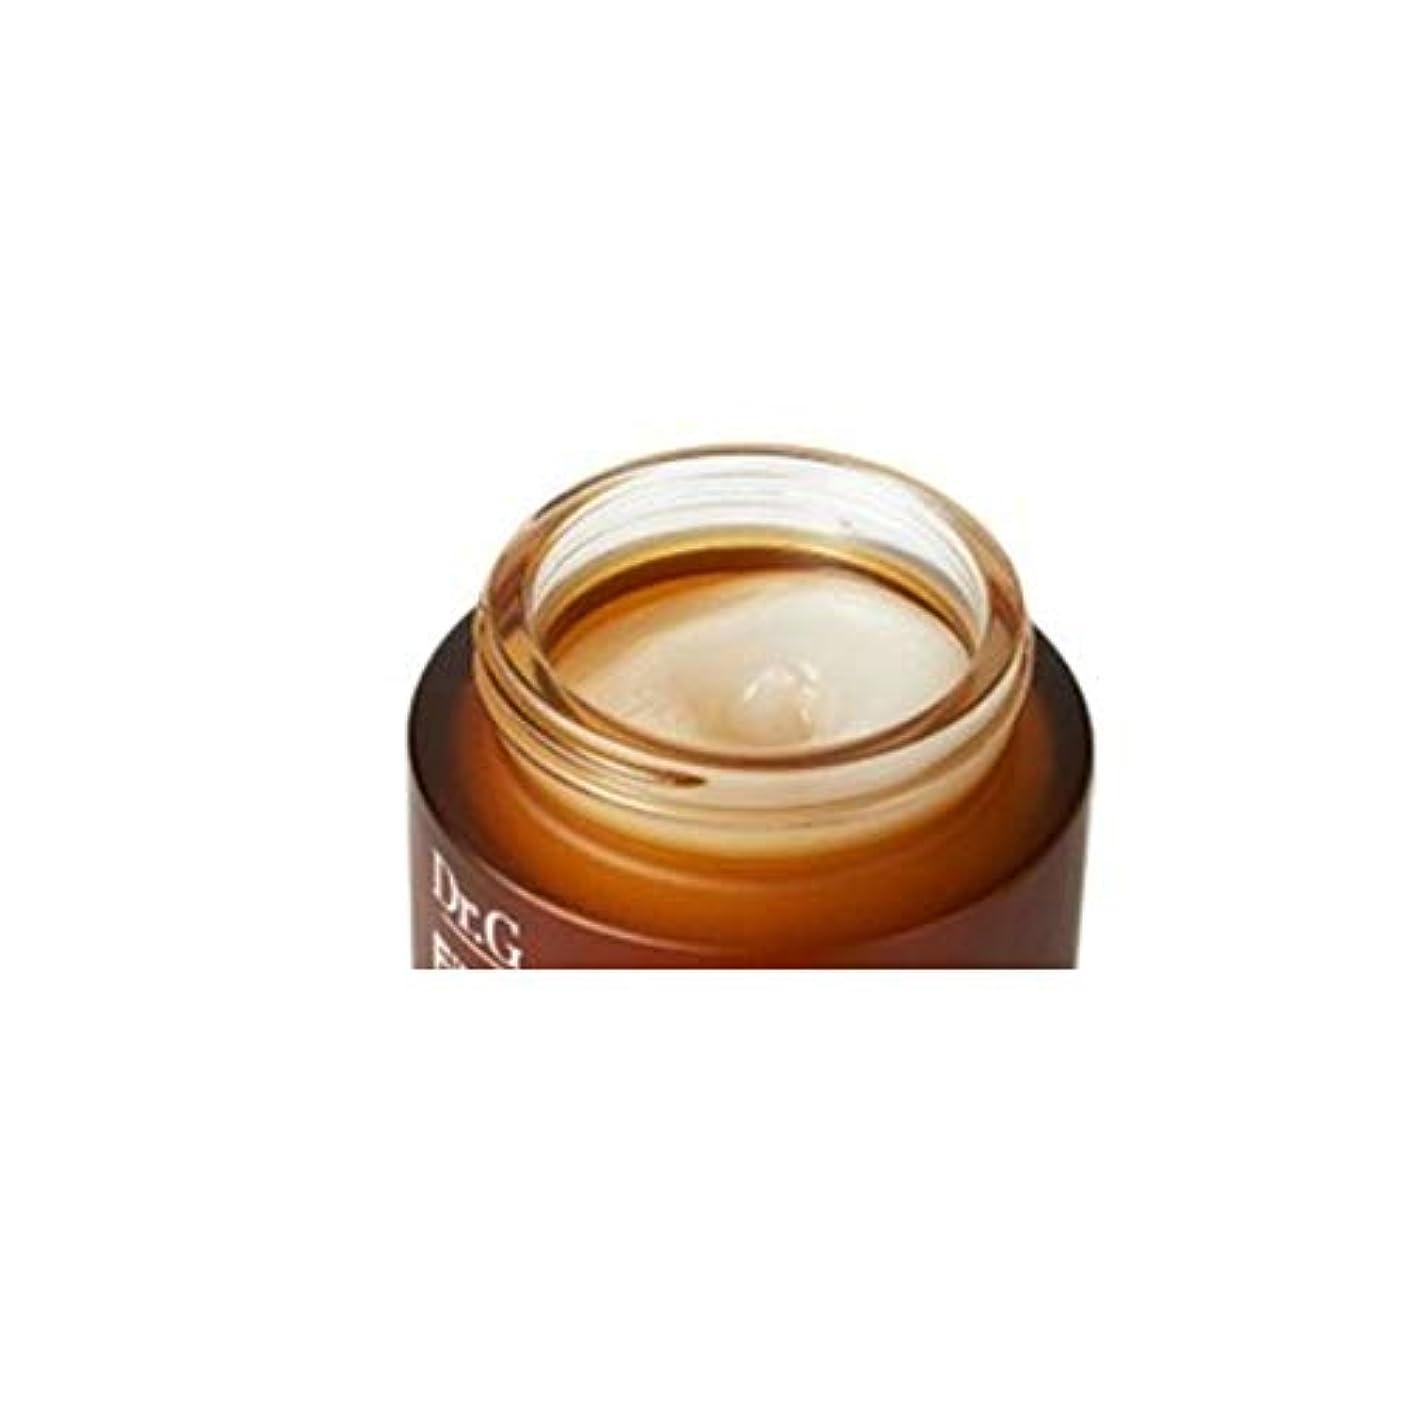 教科書食事を調理するバリケードドクターGピラーグリーンバリアBalm 50mlx2本セット お肌の保湿 韓国コスメ、Dr.G Filagrin Barrier Balm 50ml x 2ea Set Korean Cosmetics [並行輸入品]